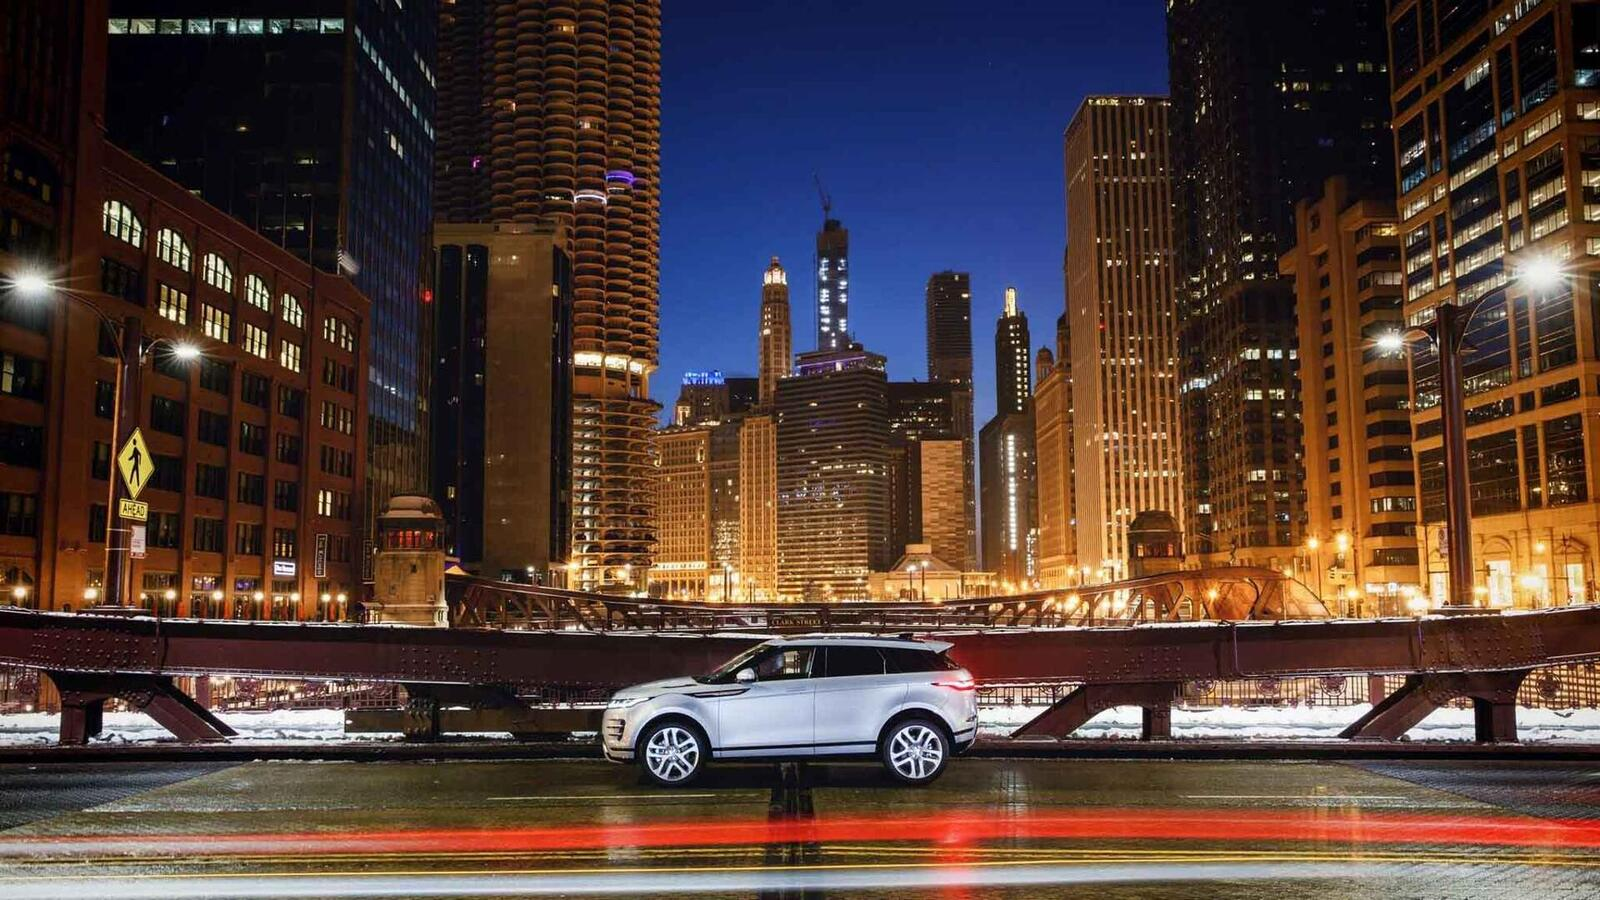 Range Rover Evoque mới tại Mỹ có giá từ 43.645 USD, đắt hơn Audi Q5 và Mercedes GLC - Hình 21